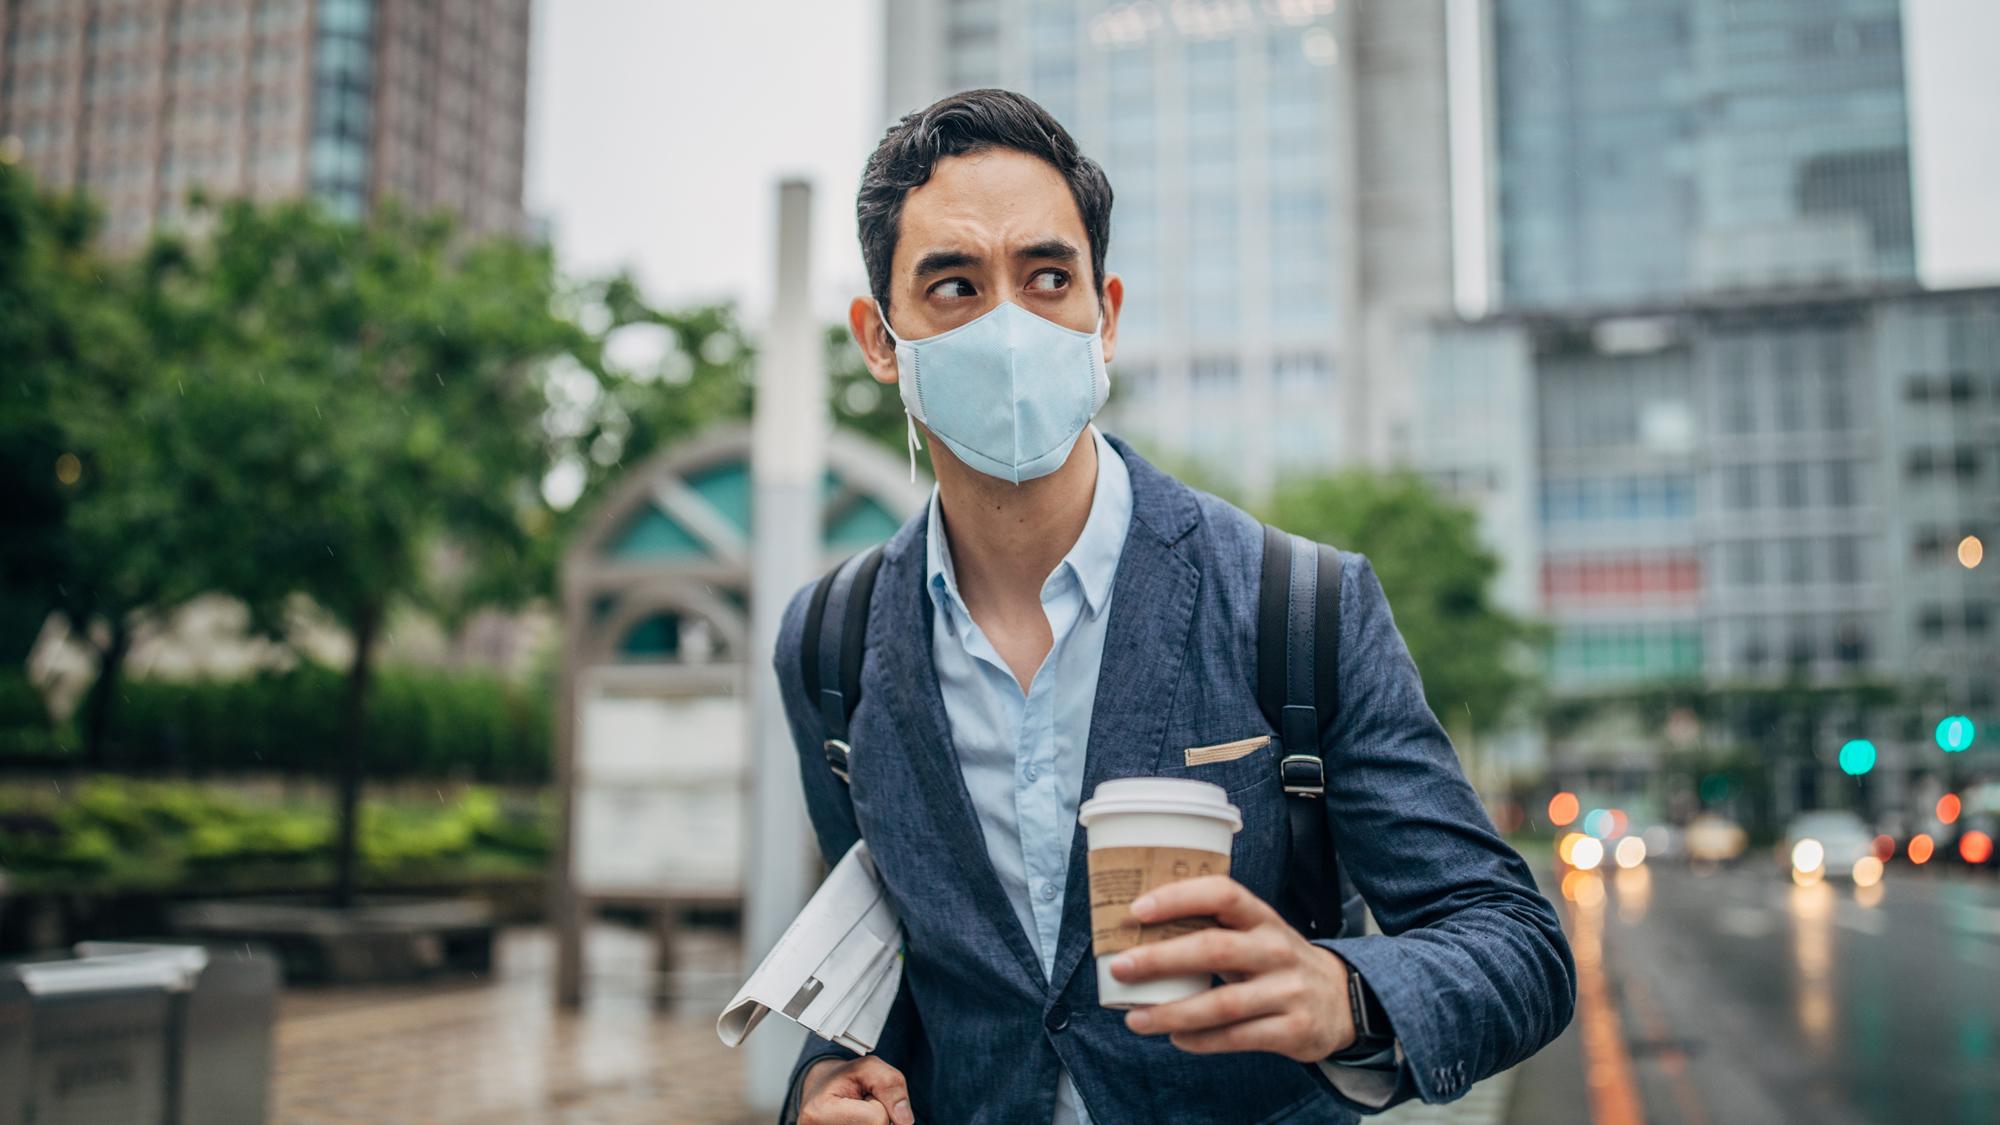 FOCUS: 2019-20 Coronavirus Outbreak